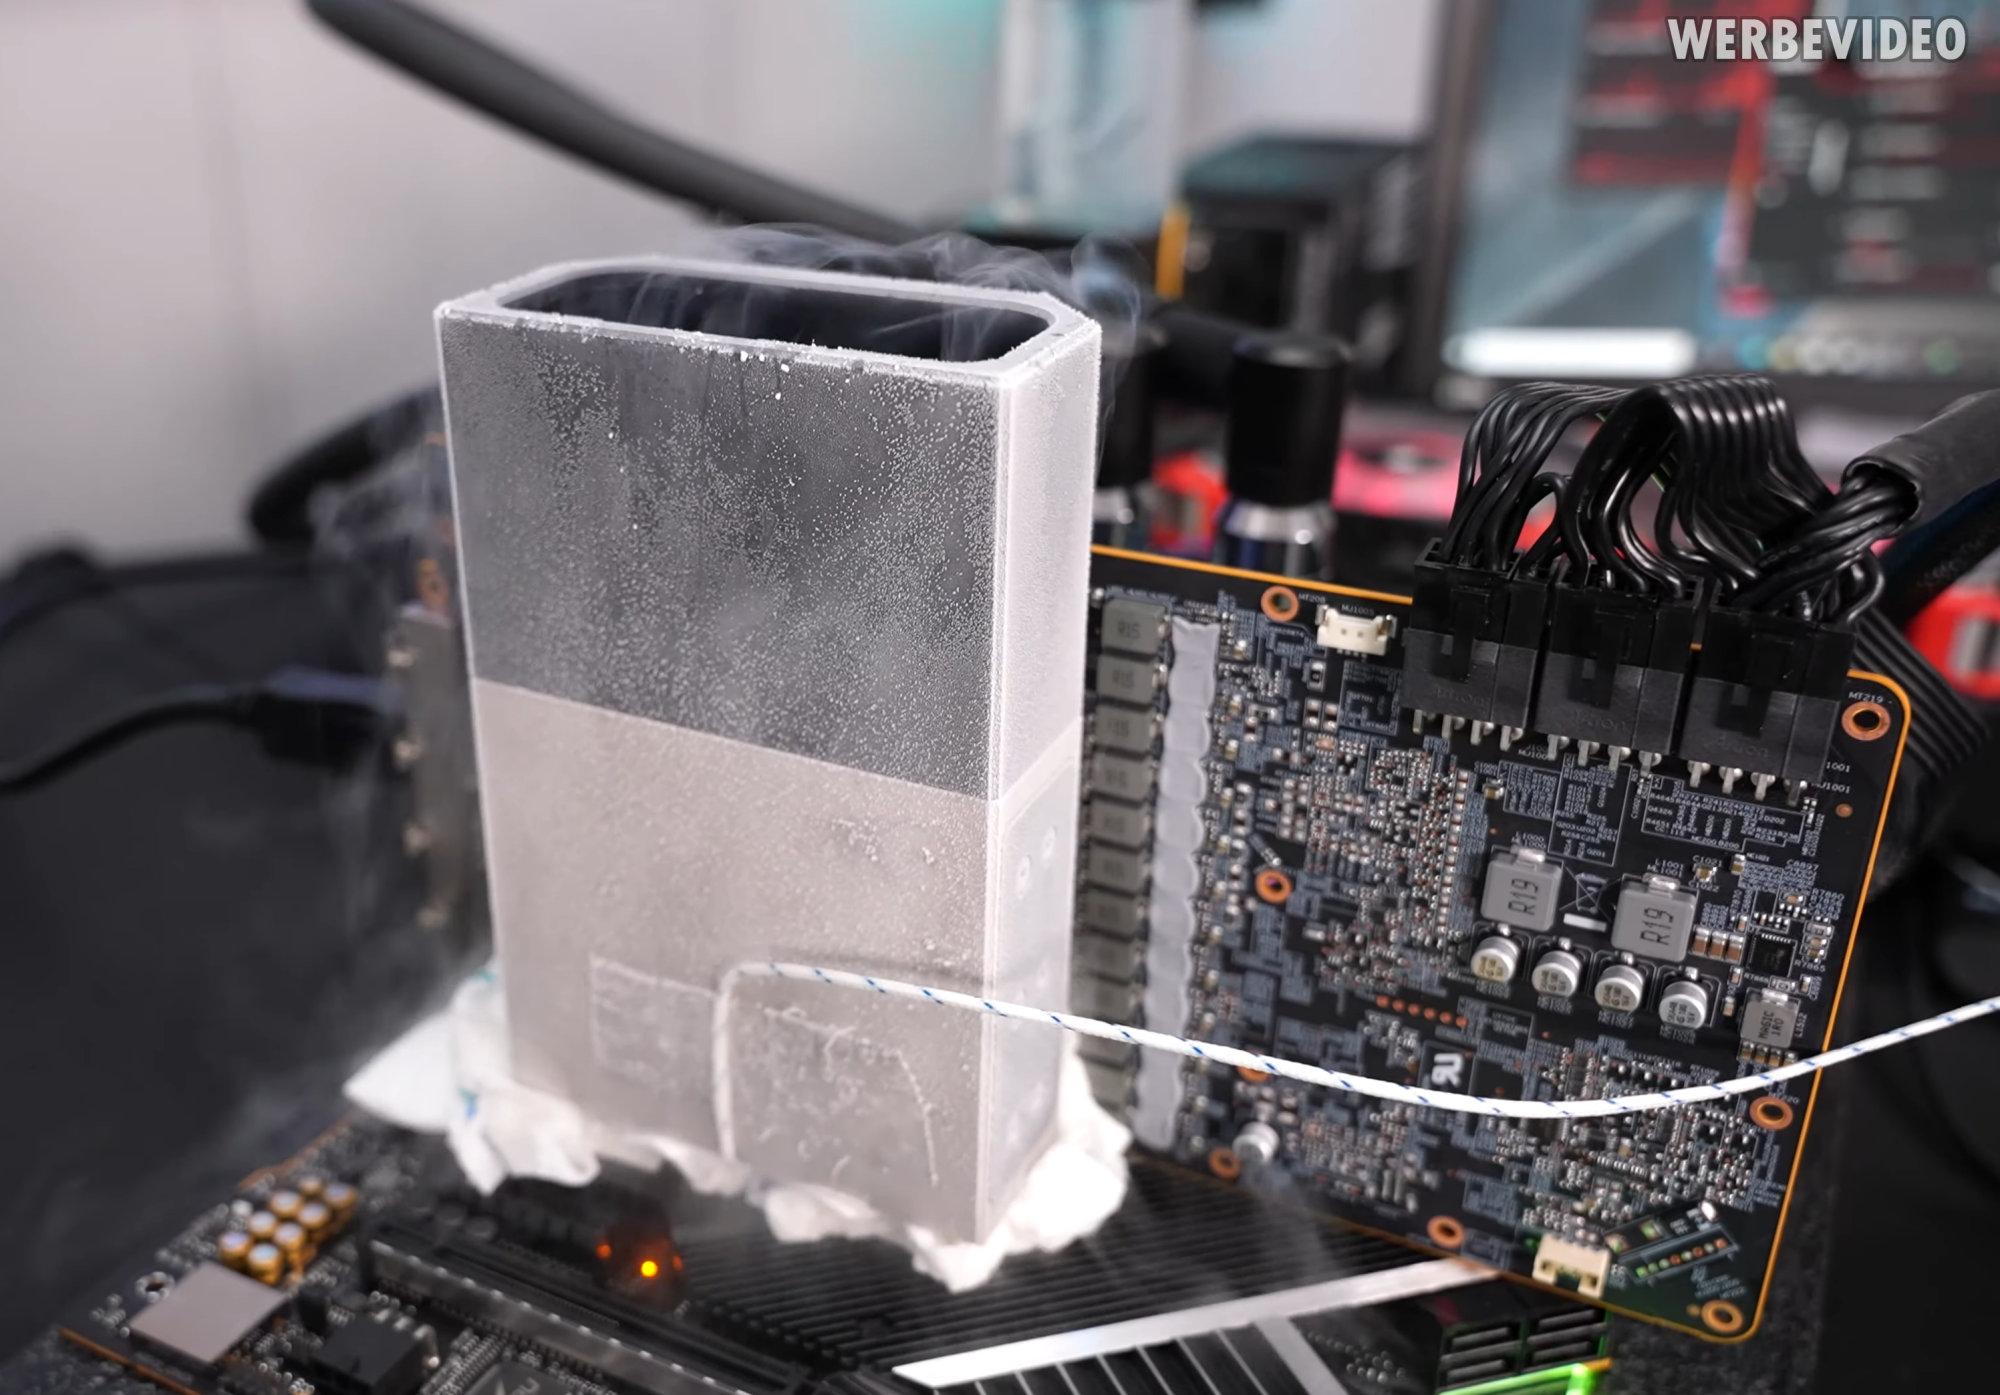 Видеокарта Radeon RX 6900 XT достигла частоты 3,2 ГГц в руках оверклокера Der8auer